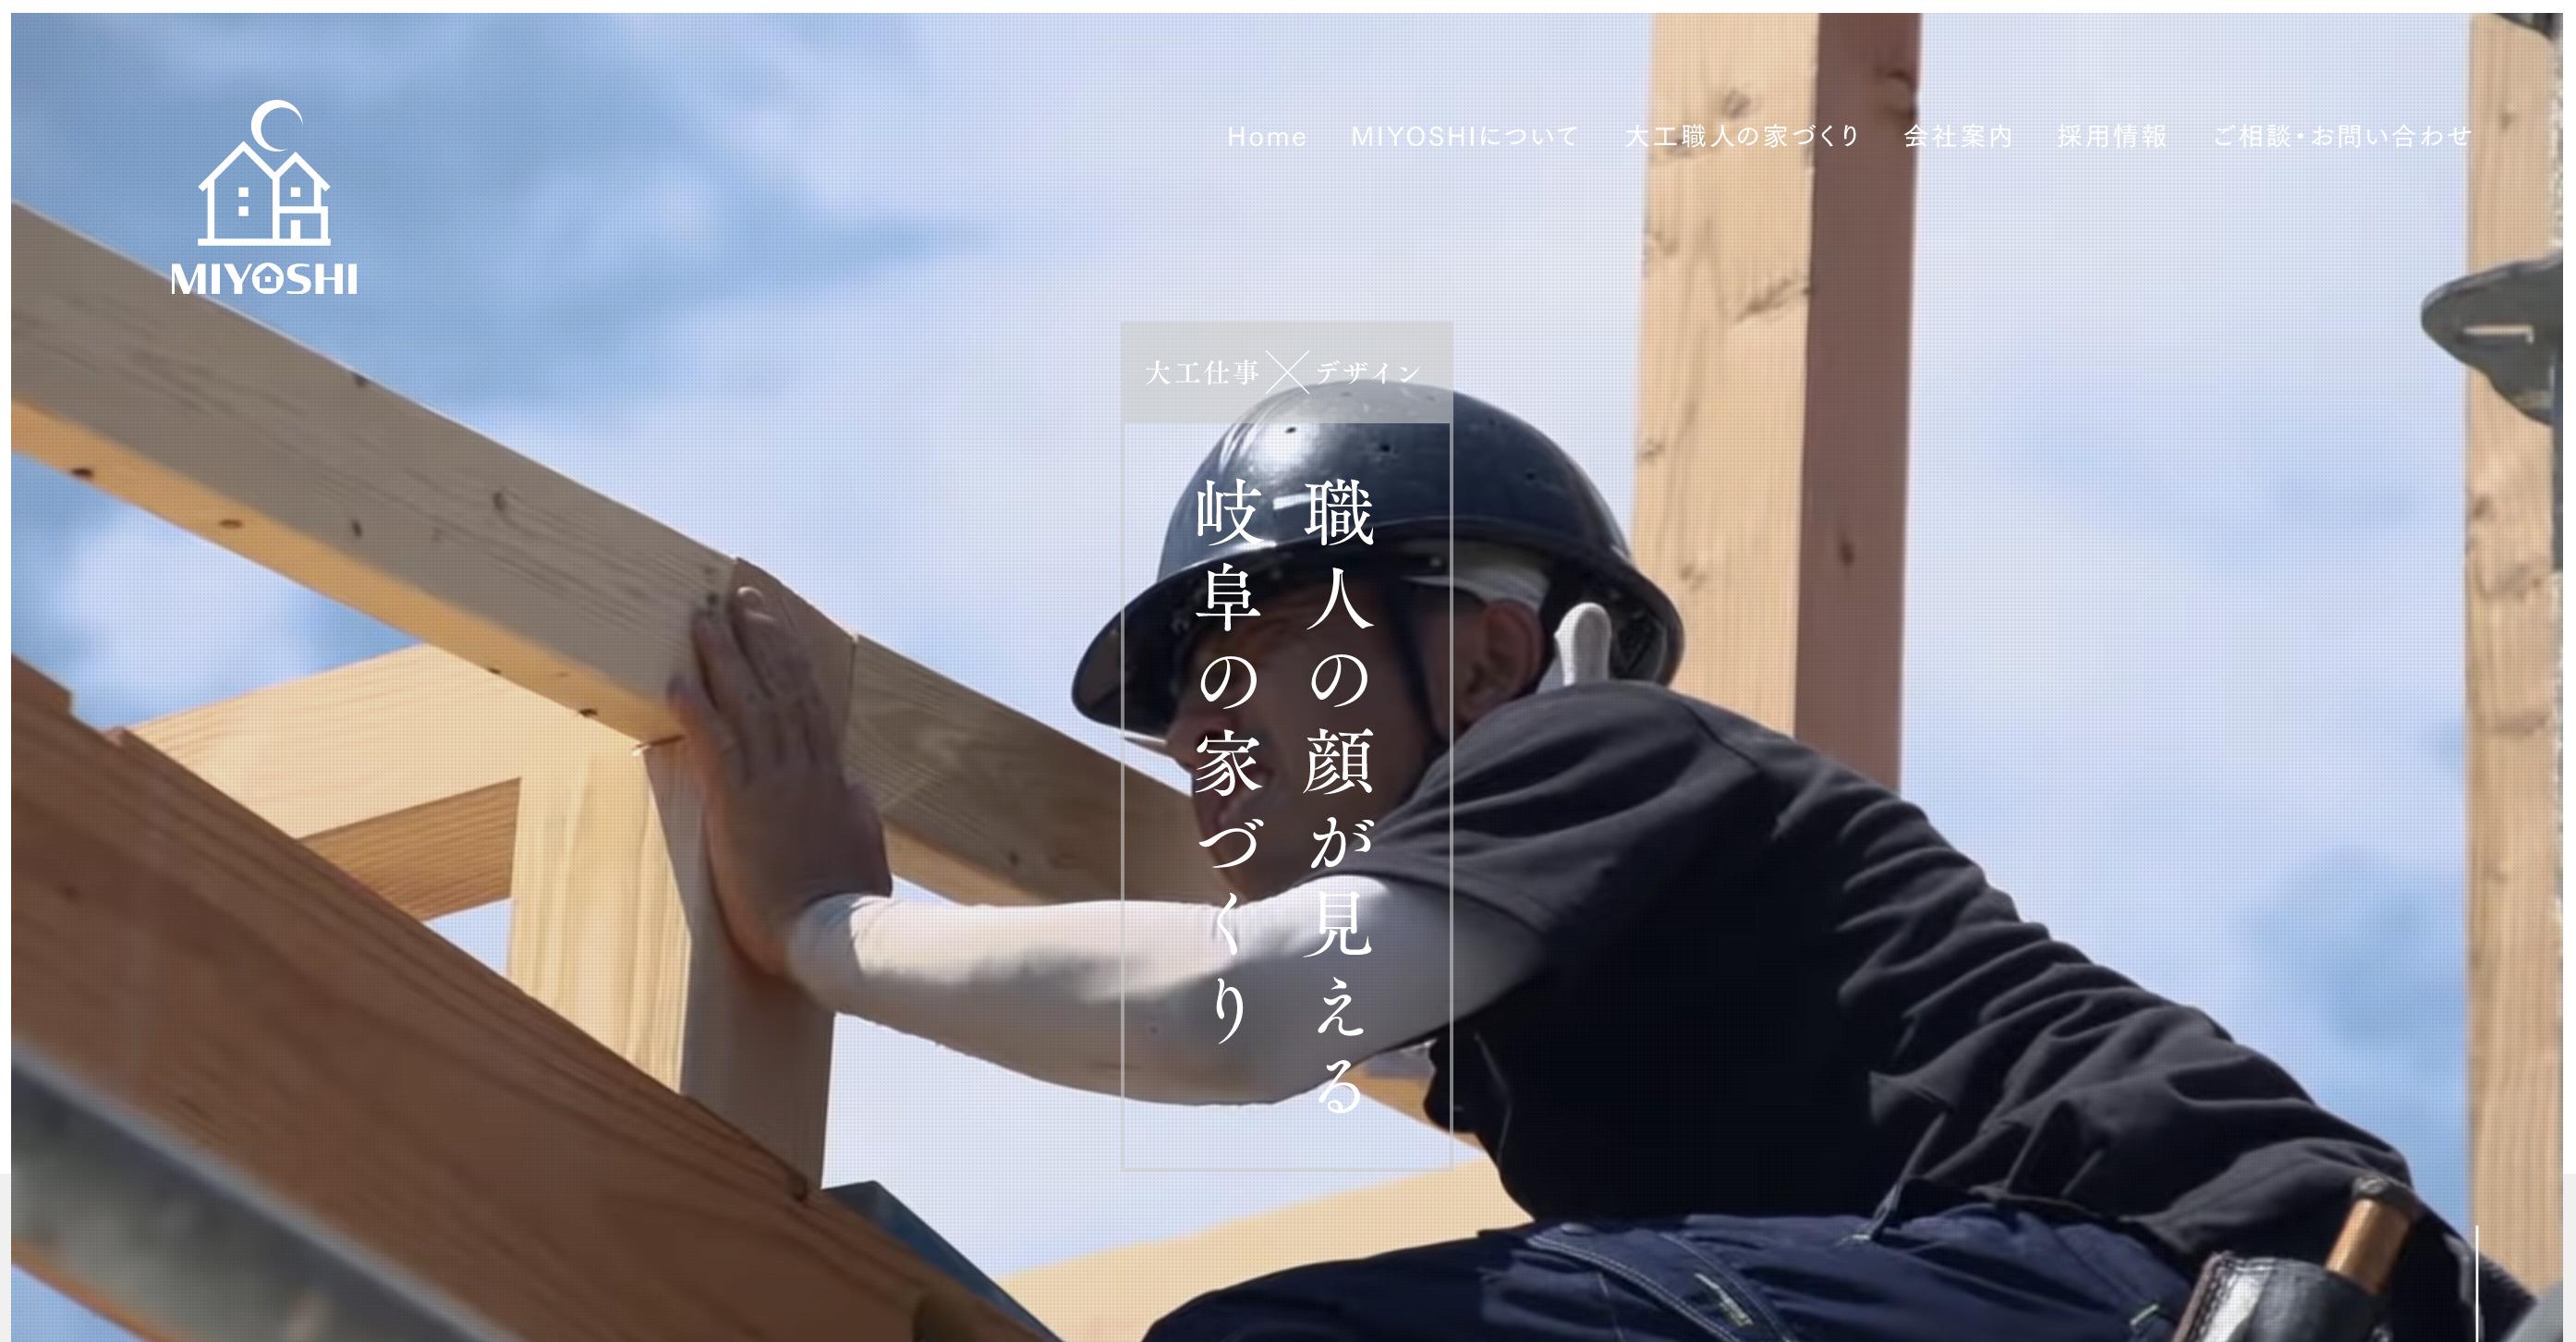 「株式会社MIYOSHI」ホームページ